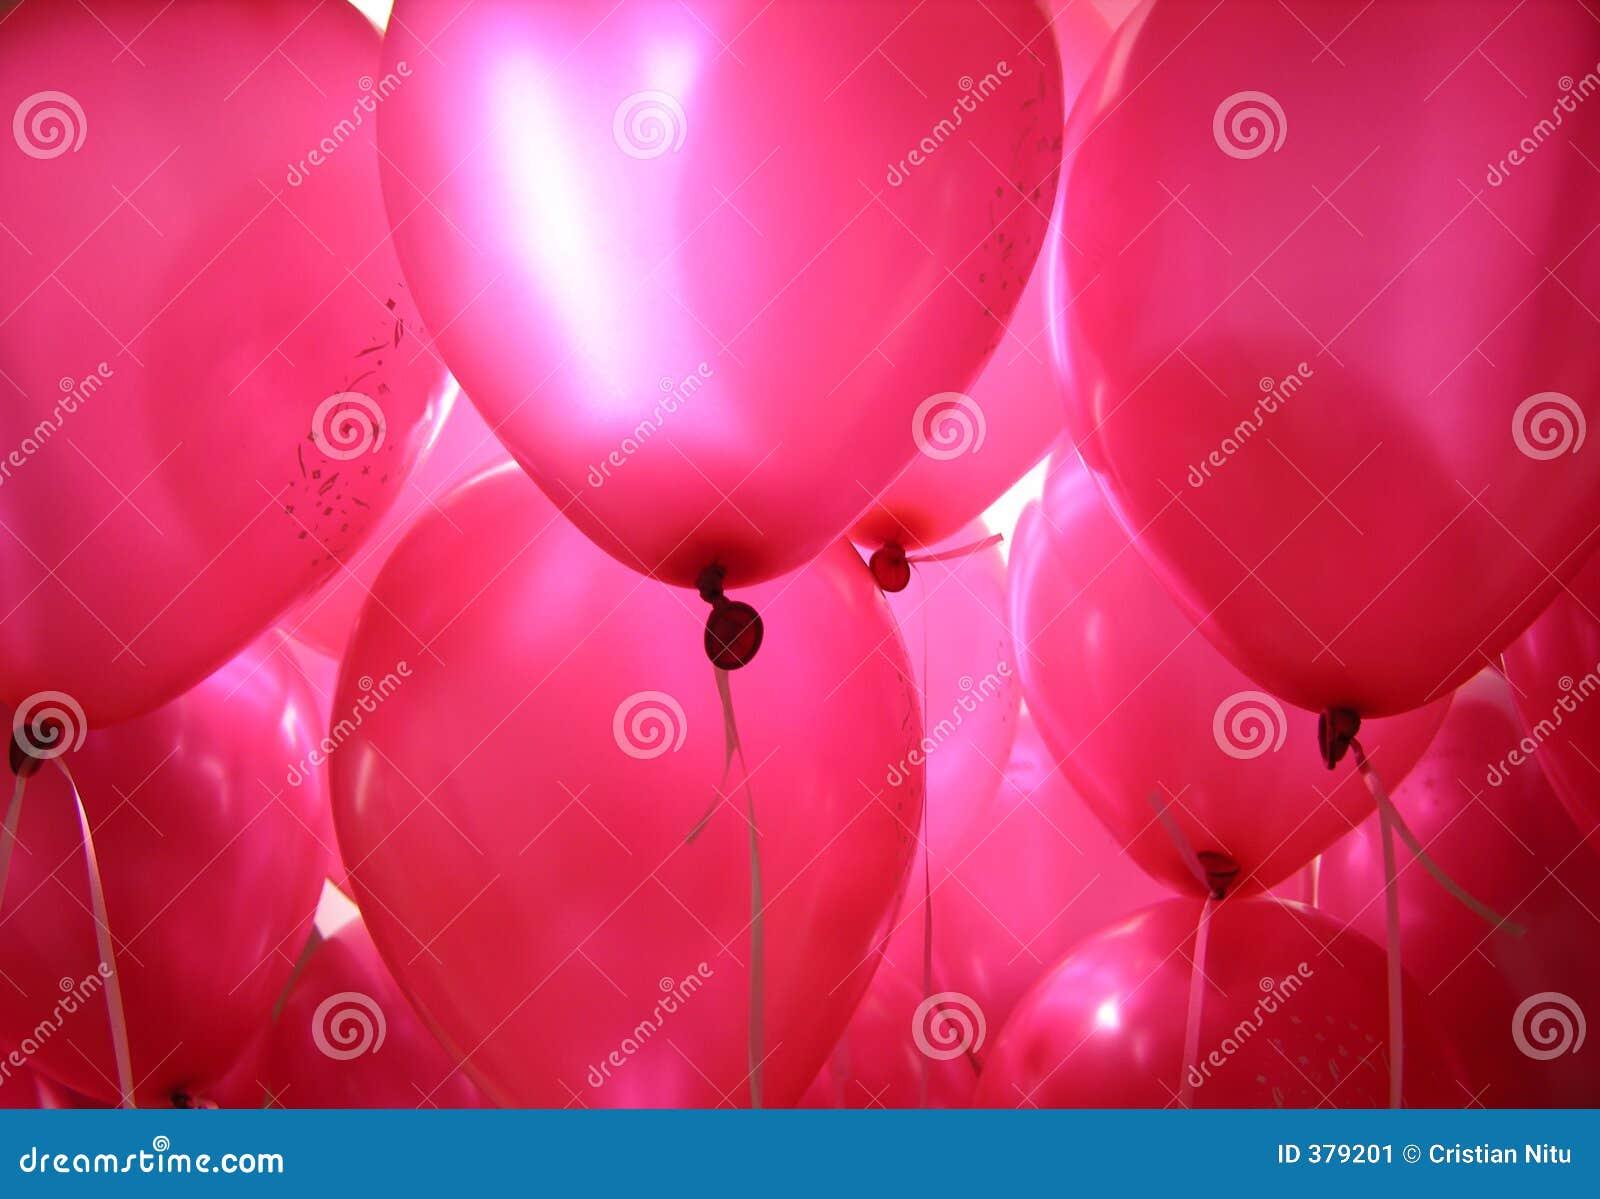 Baloons rose